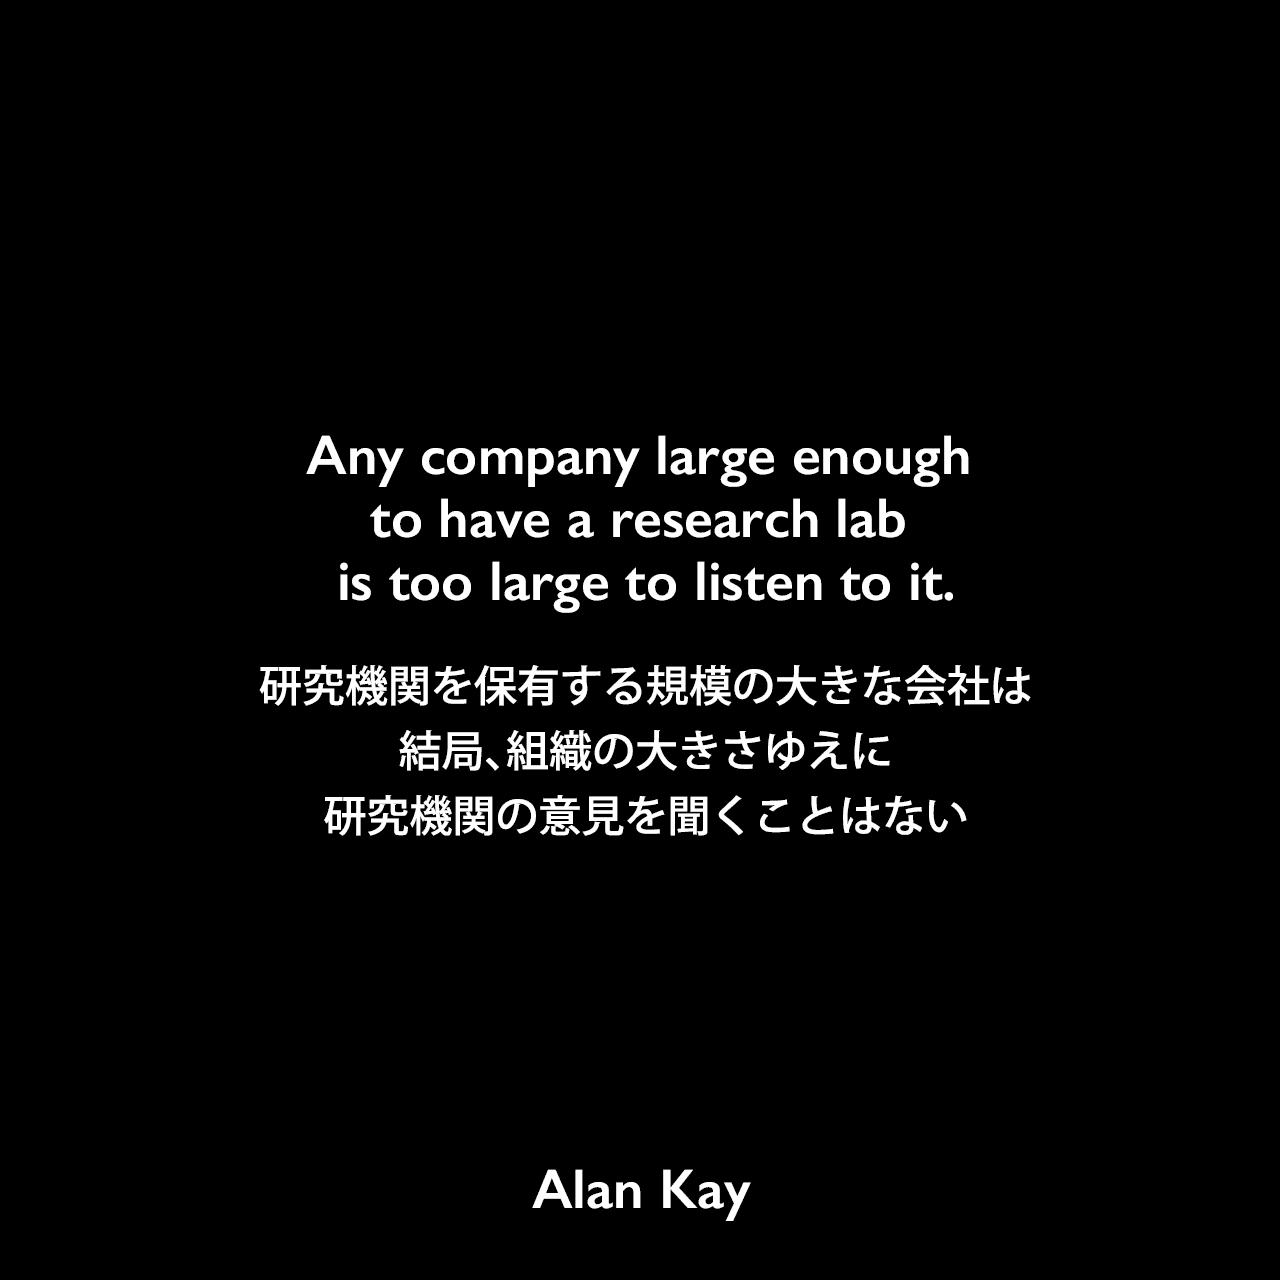 パソコンの父 アラン ケイ1の名言 英語と和訳 名言倶楽部